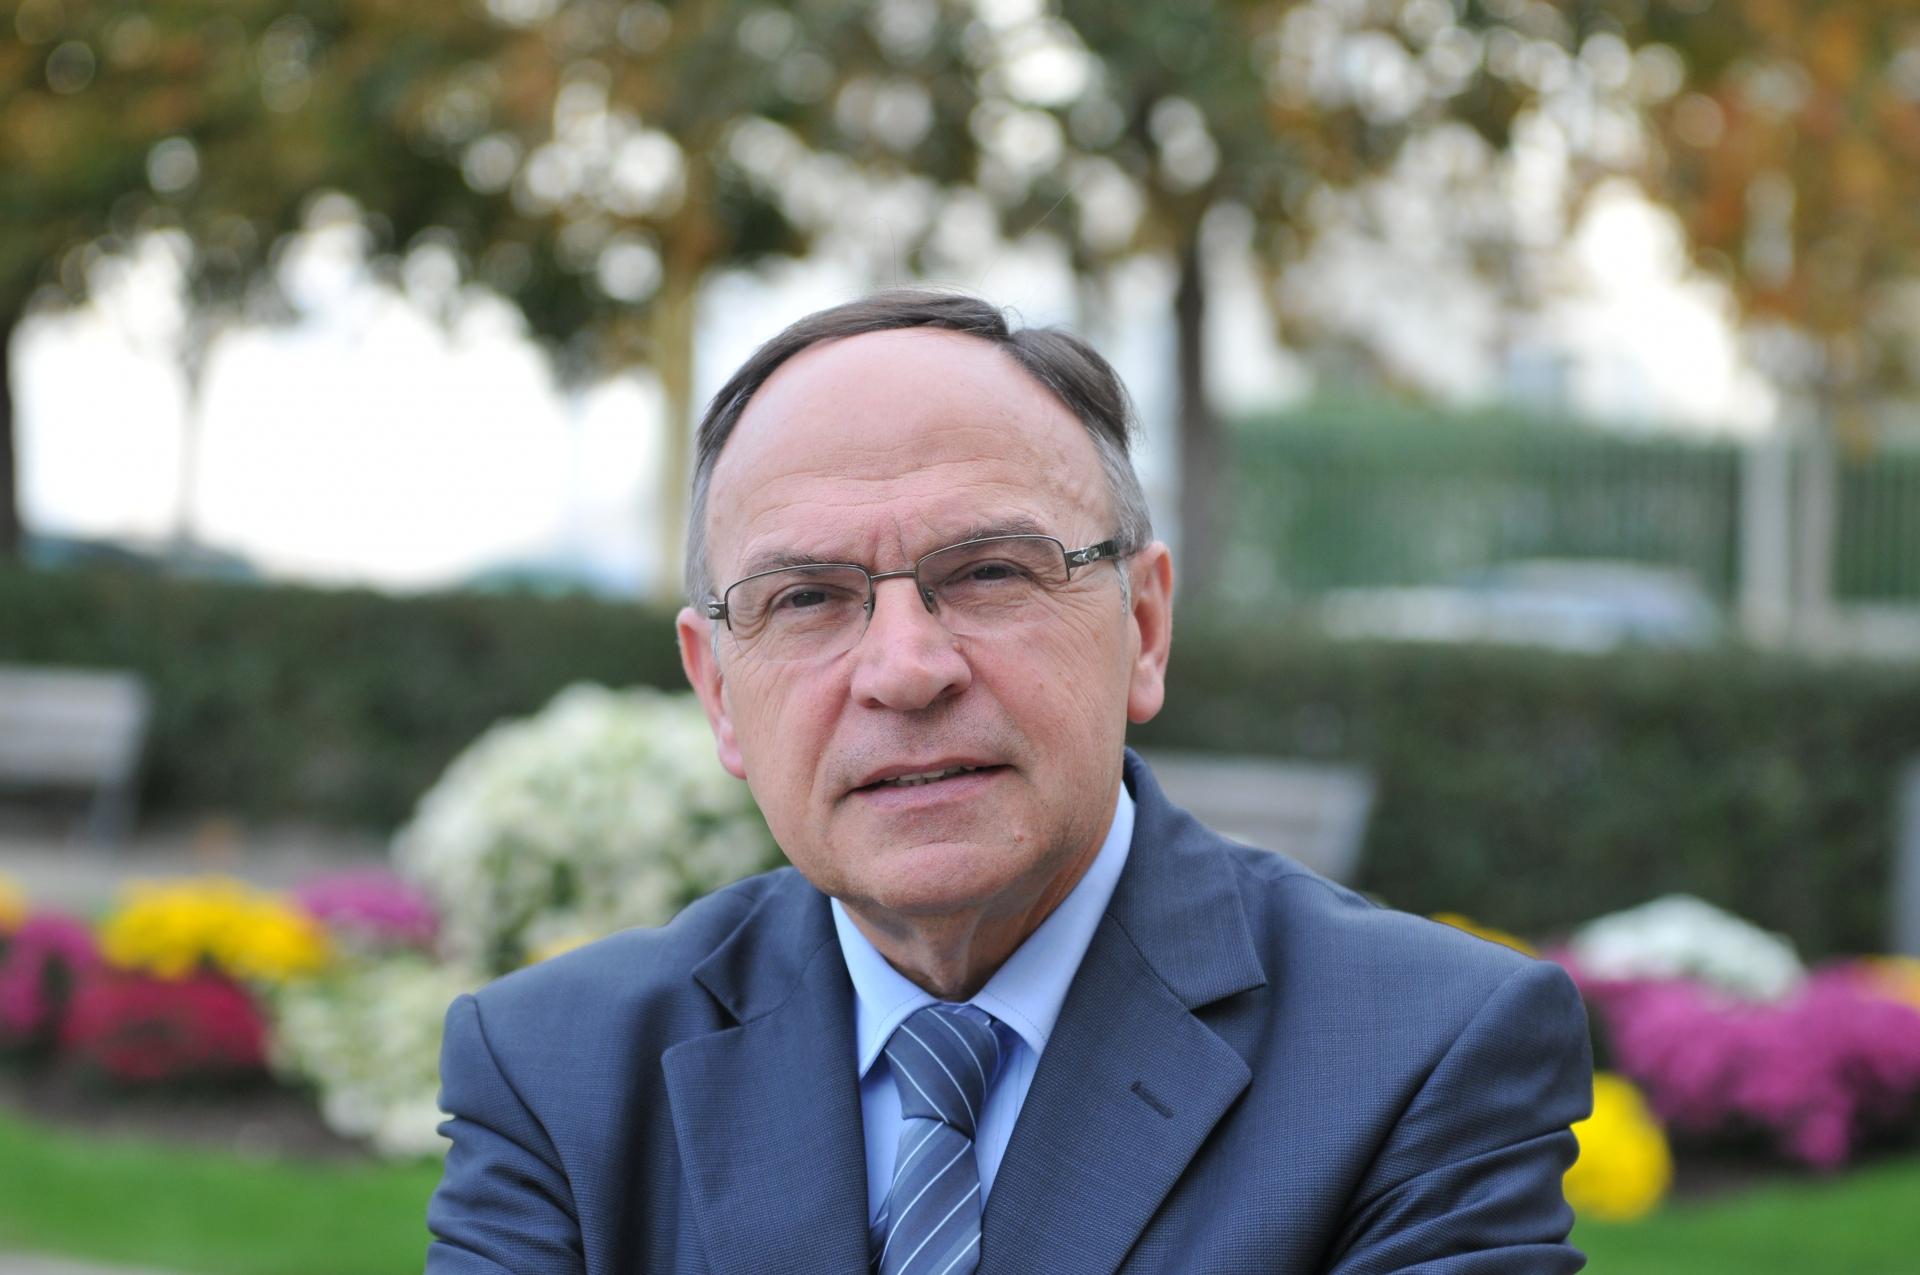 lyon rencontre vichy rencontre bar  De nombreux ateliers, pratiques et par Georges Pierre, secrétaire général la Turquie, le Mexique.